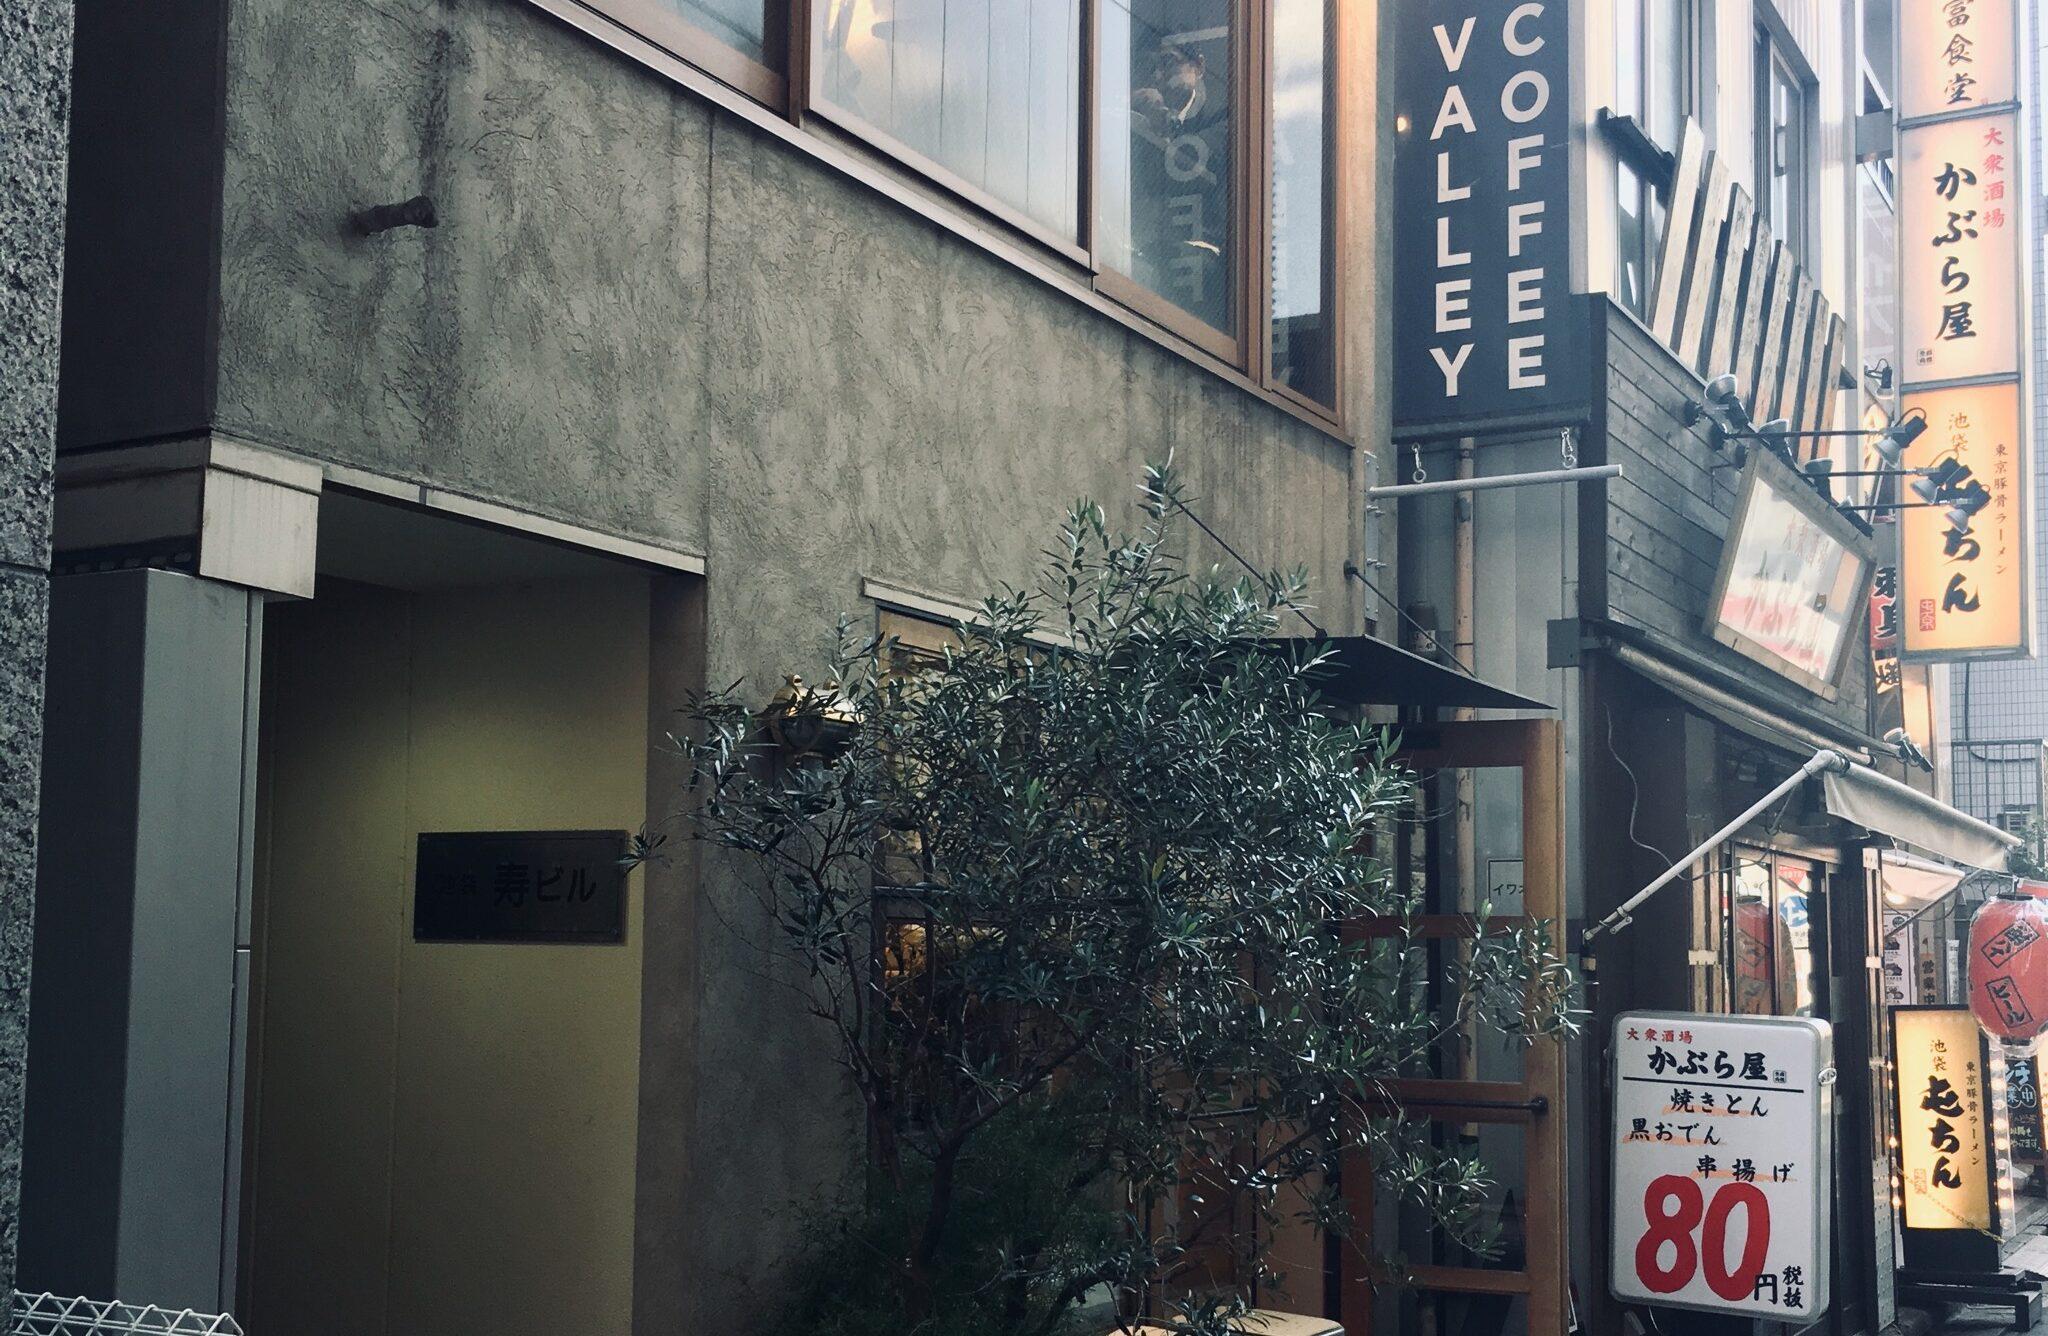 池袋のカフェ「COFFEE VALLEY(コーヒーバレー)」でおいしいコーヒーを